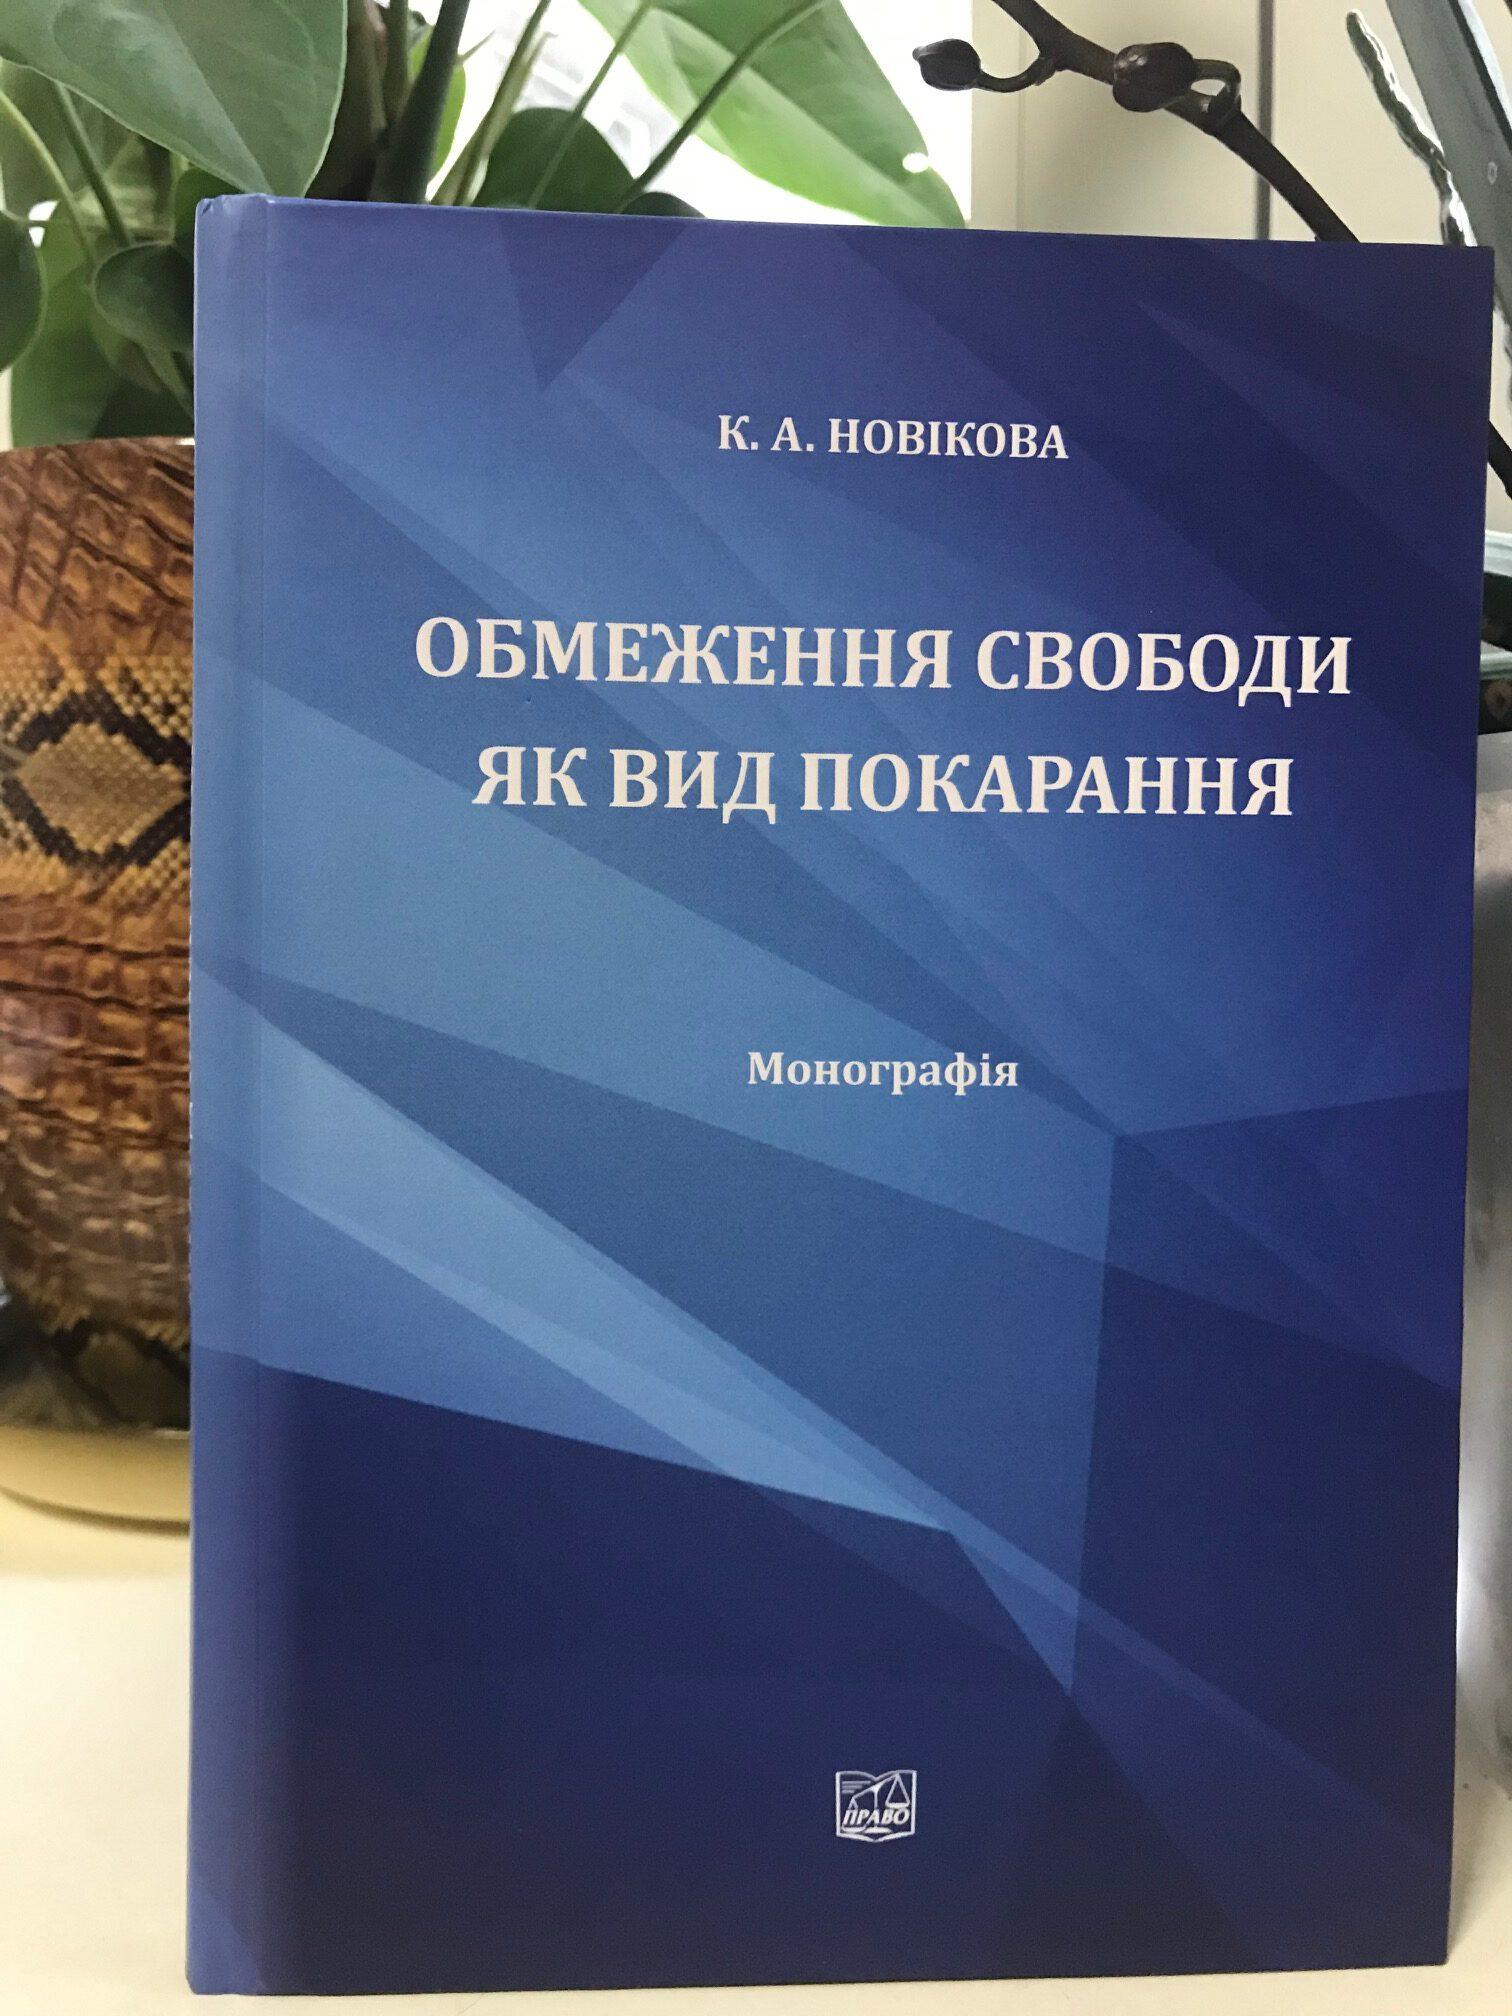 Вітаємо старшого наукового співробітника Катерину Новікову із виходом монографії!